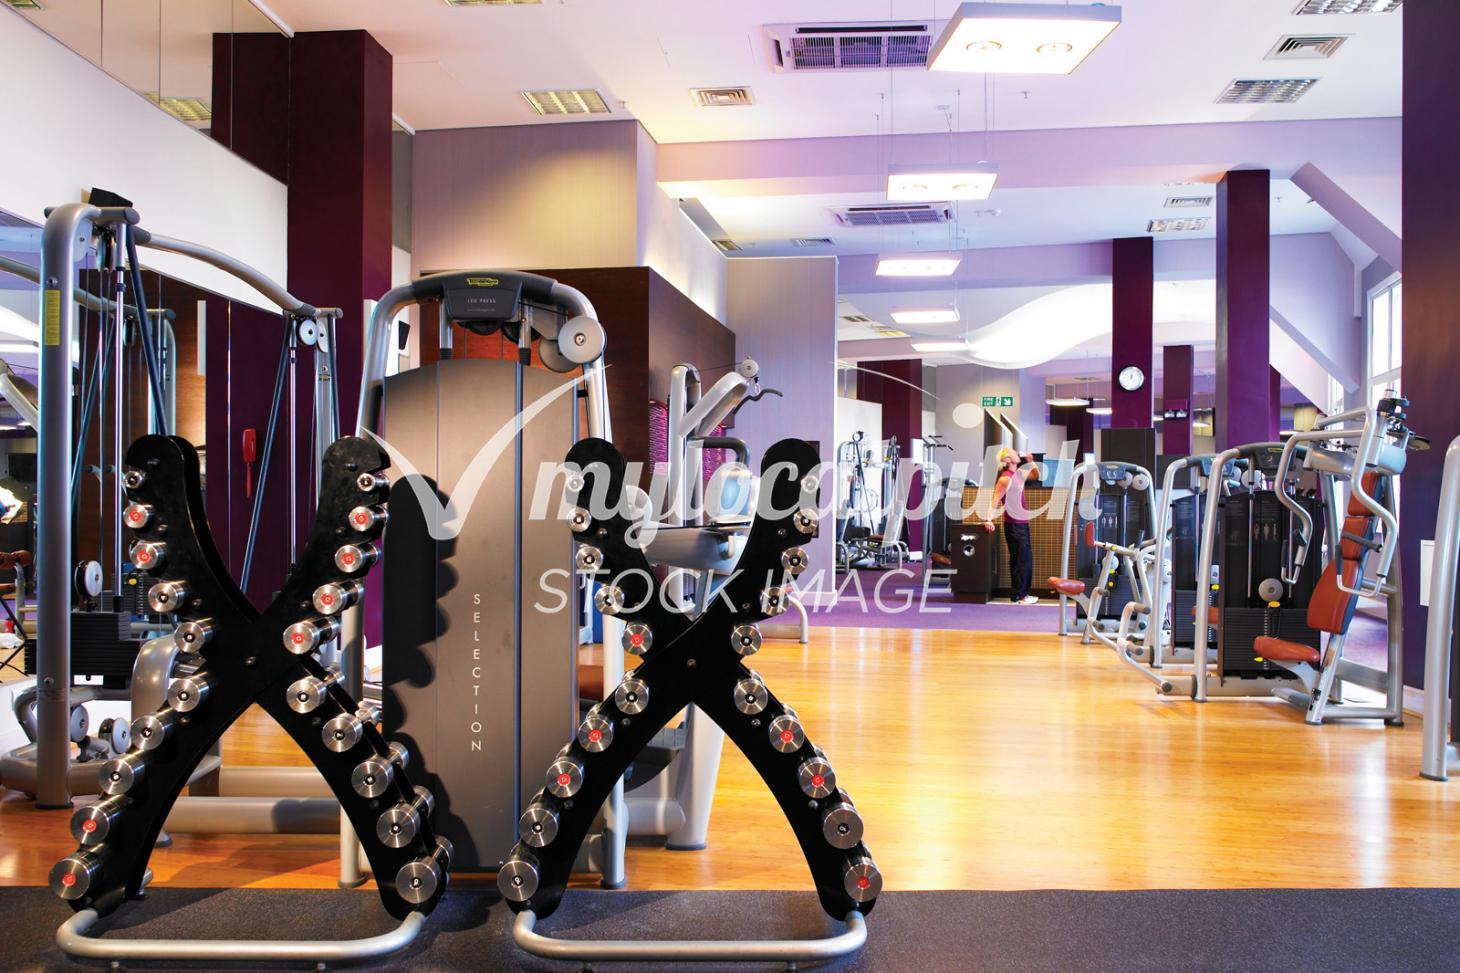 Finchley Manor Tennis, Squash And Health Club Gym gym